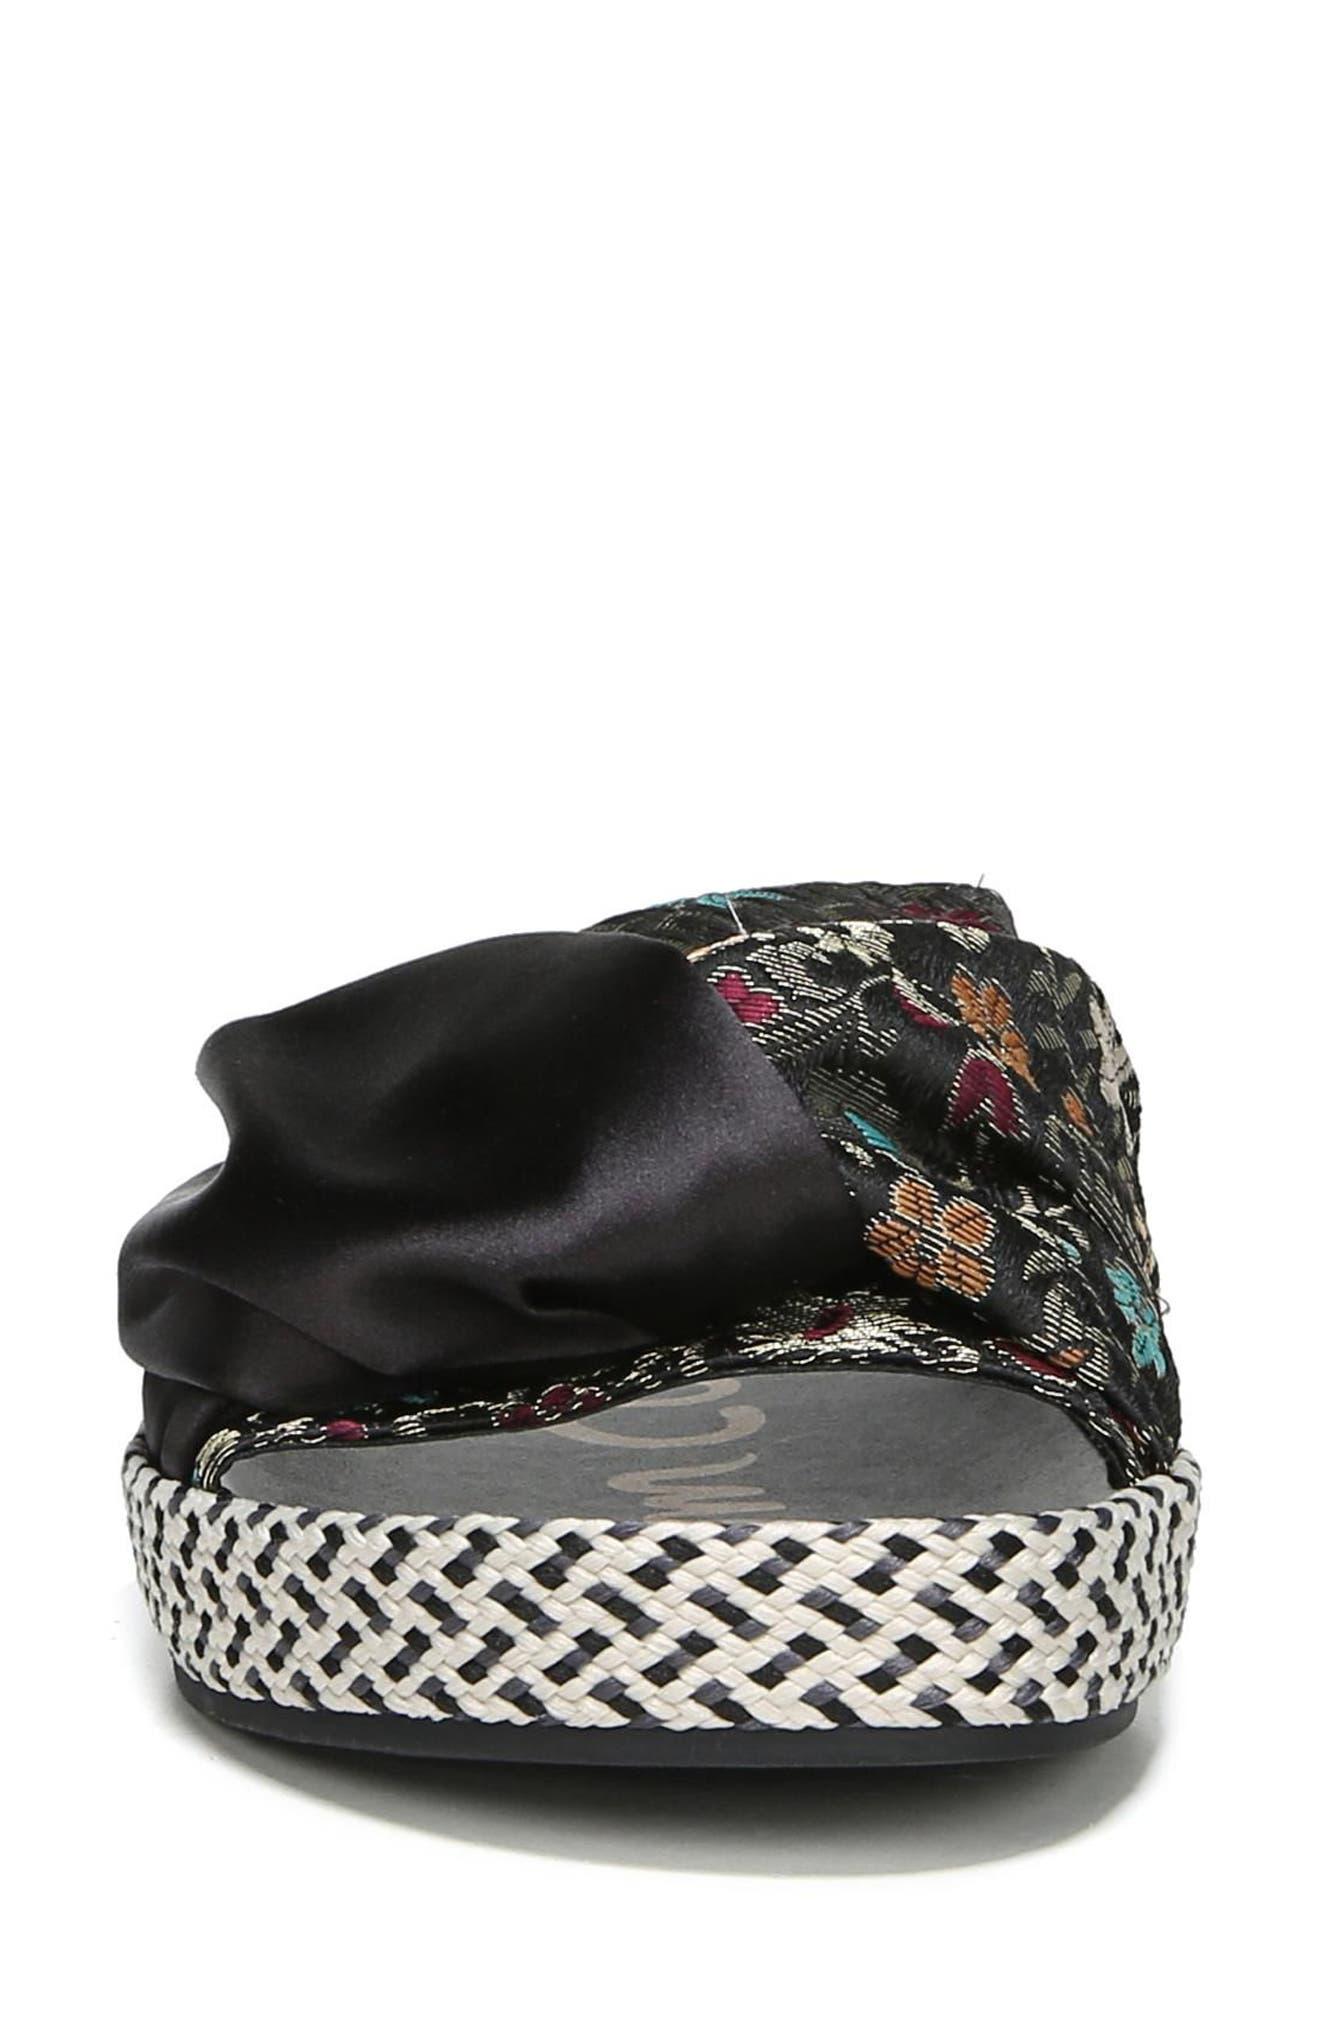 Bodie Slide Sandal,                             Alternate thumbnail 4, color,                             Black Floral Brocade